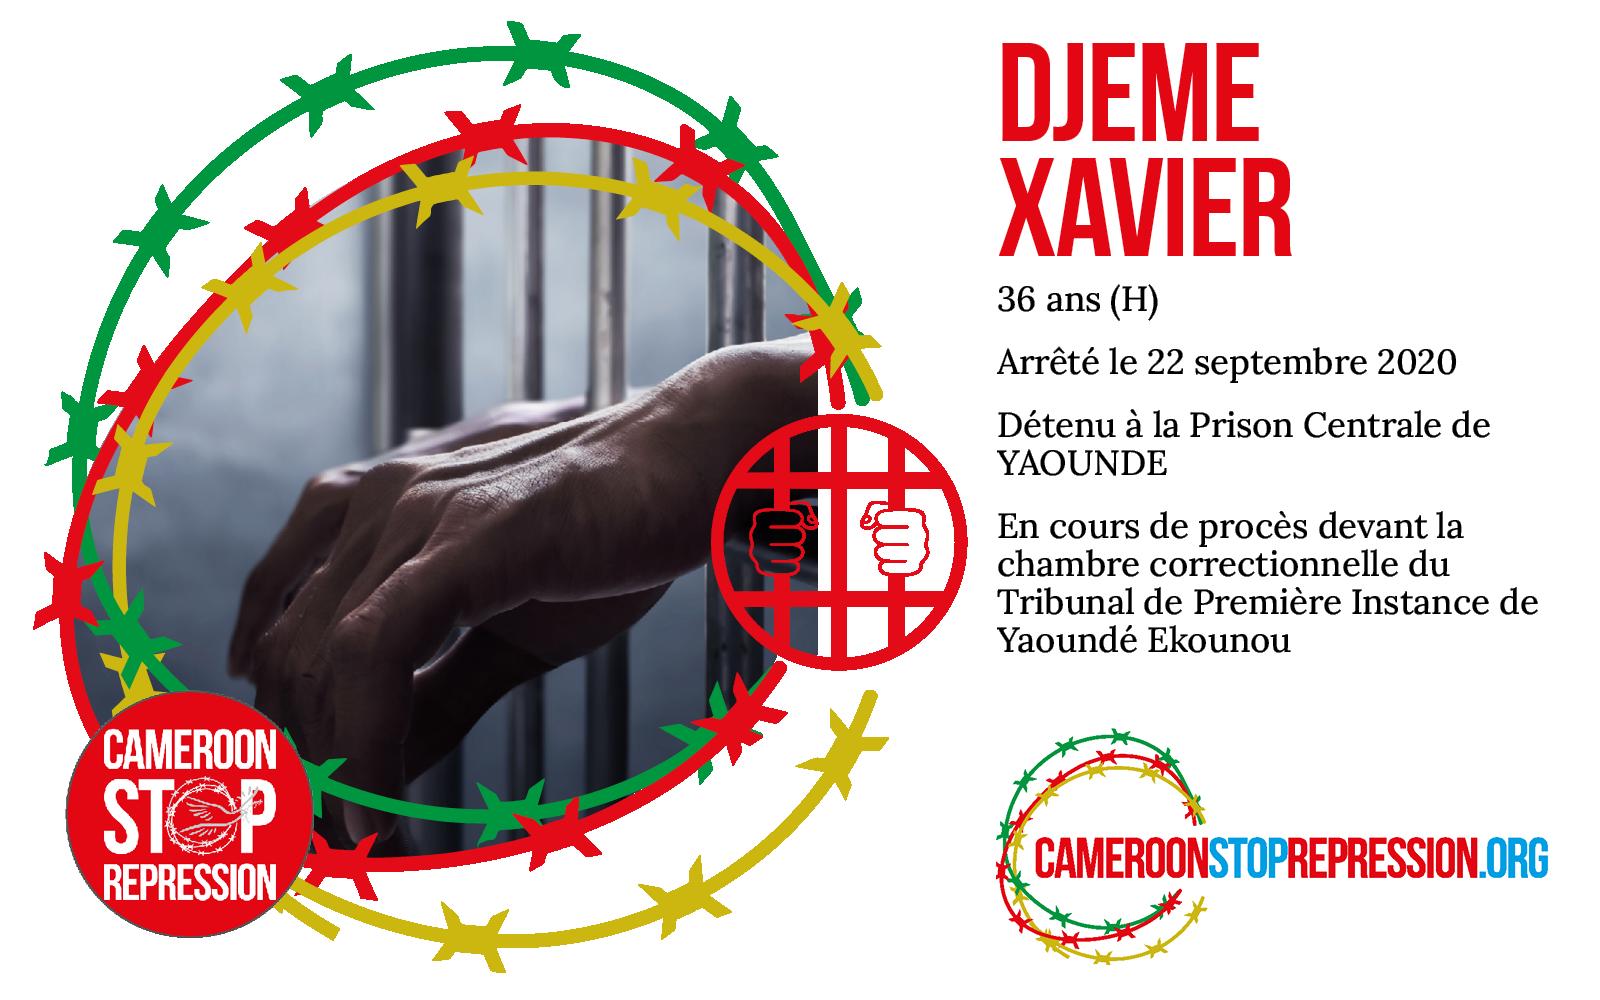 camer-stop-repression13